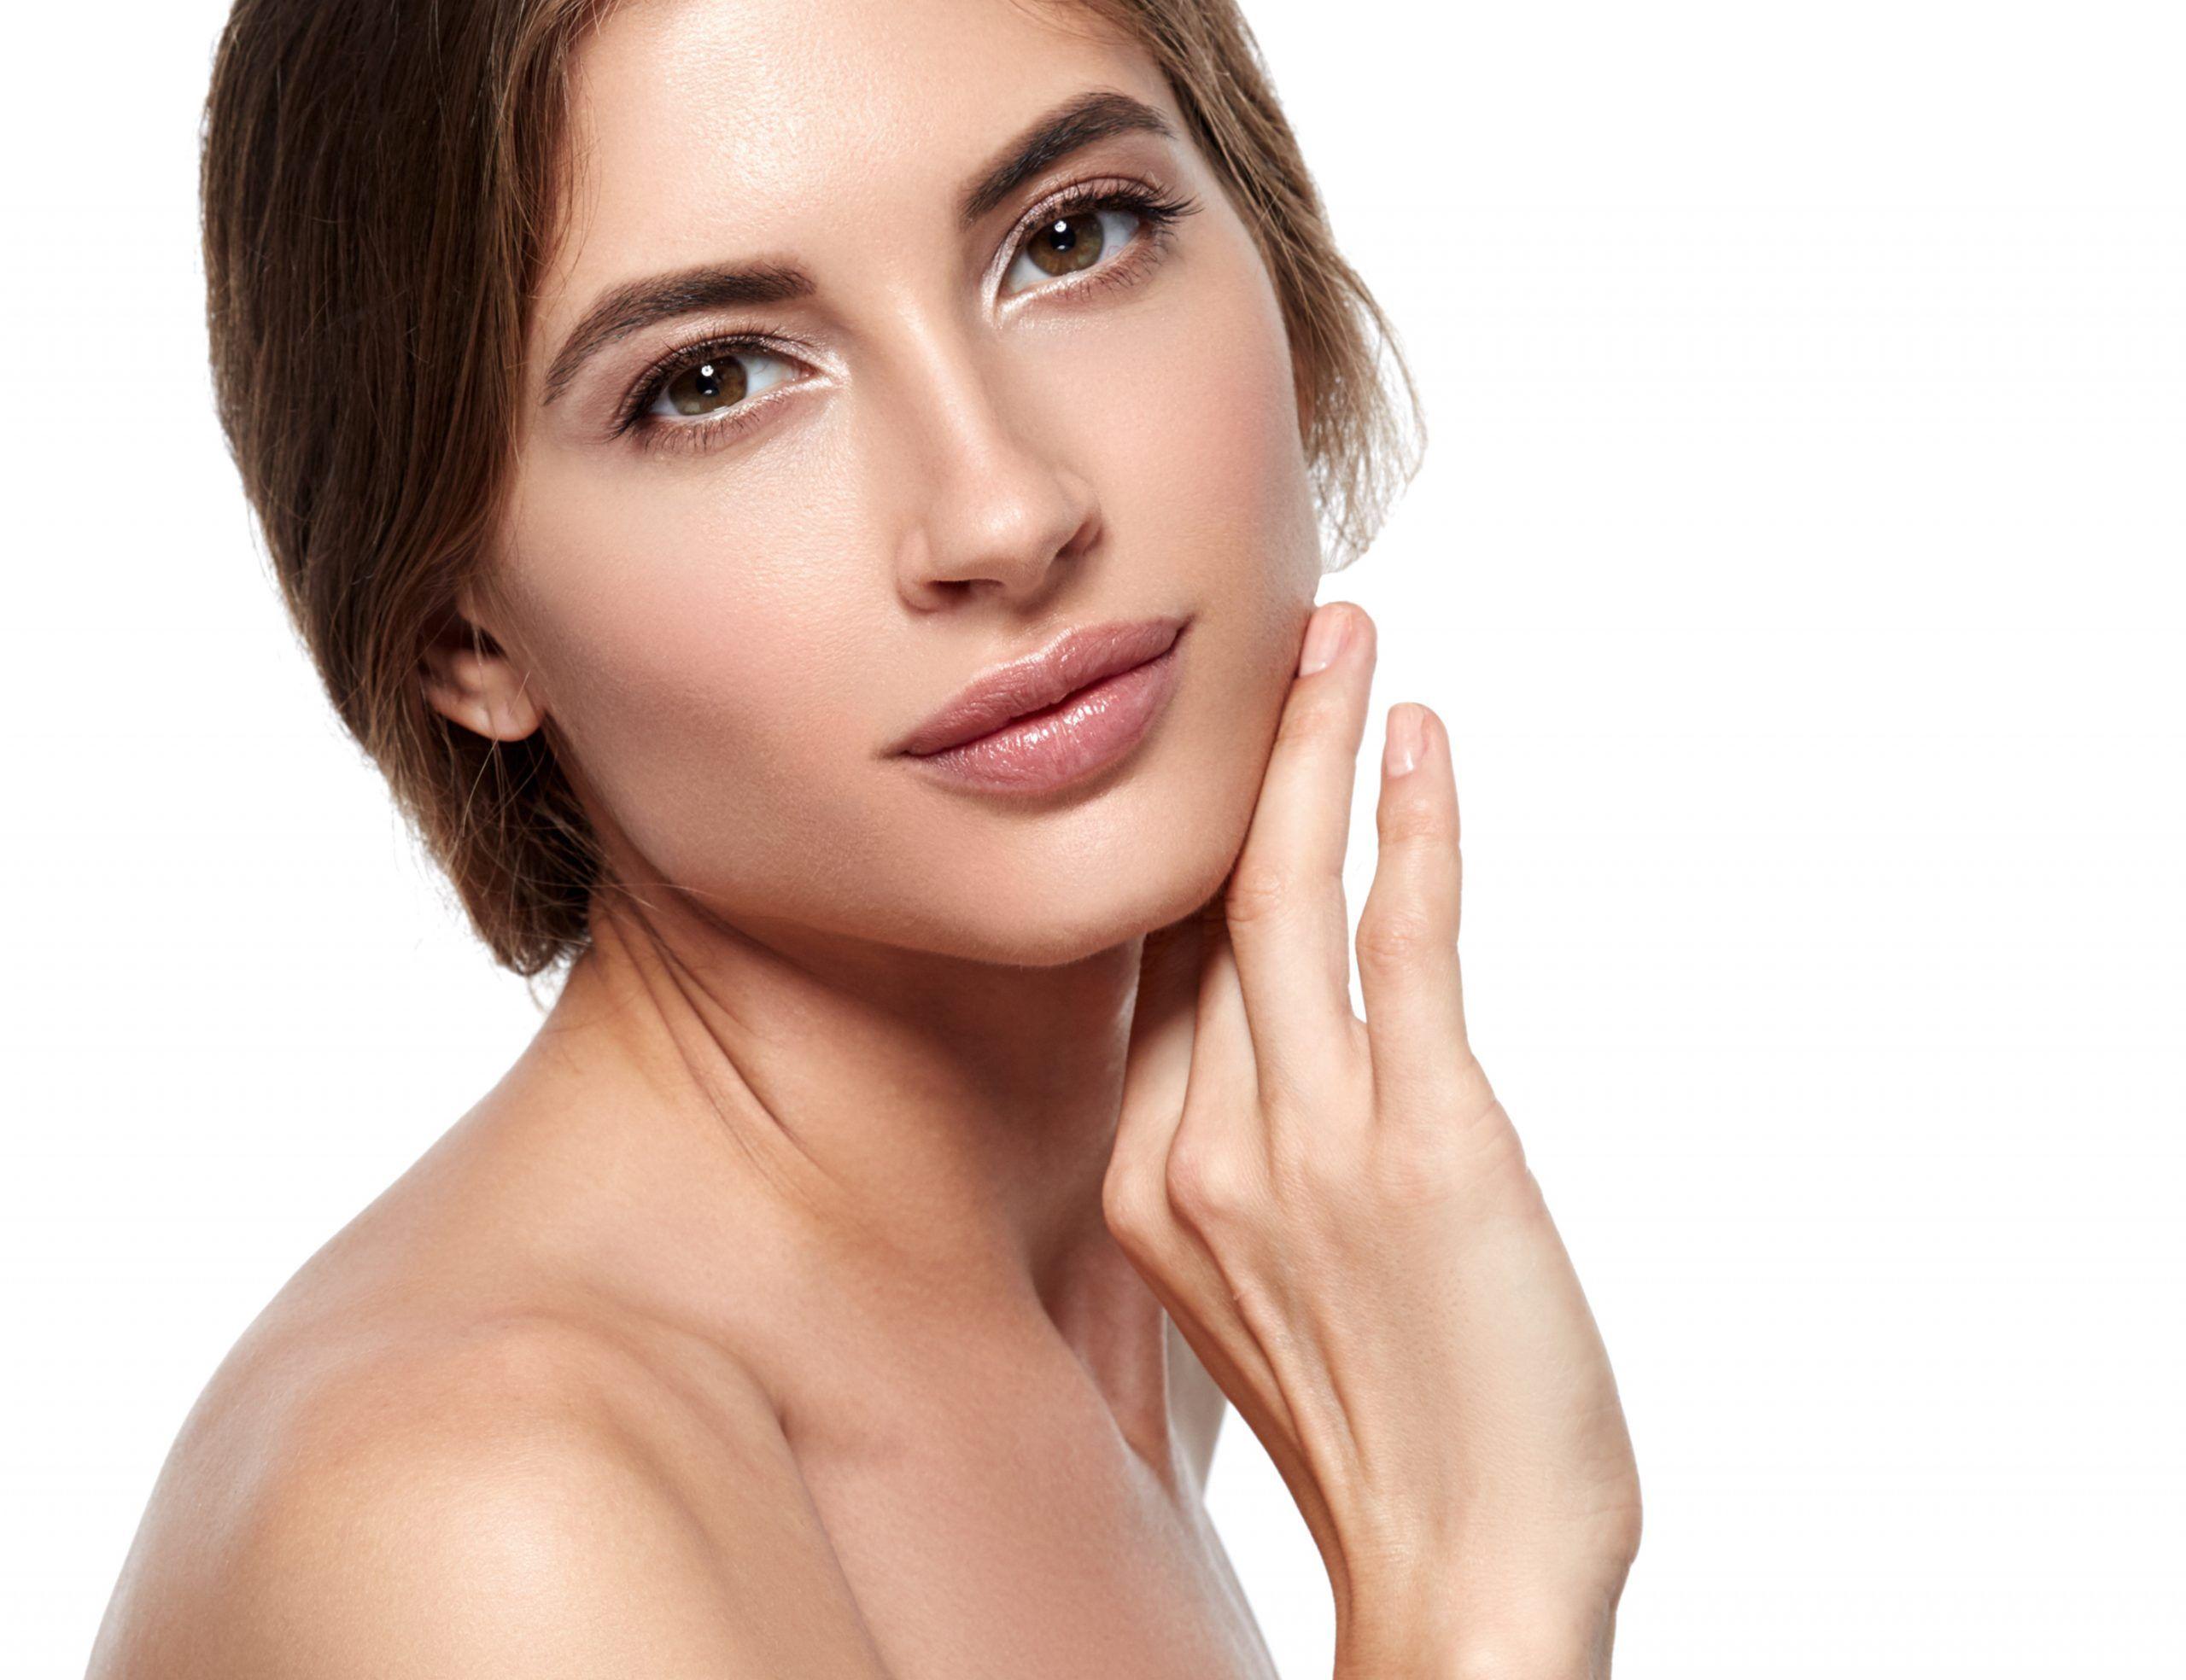 b. Rellenos de arrugas y surcos faciales